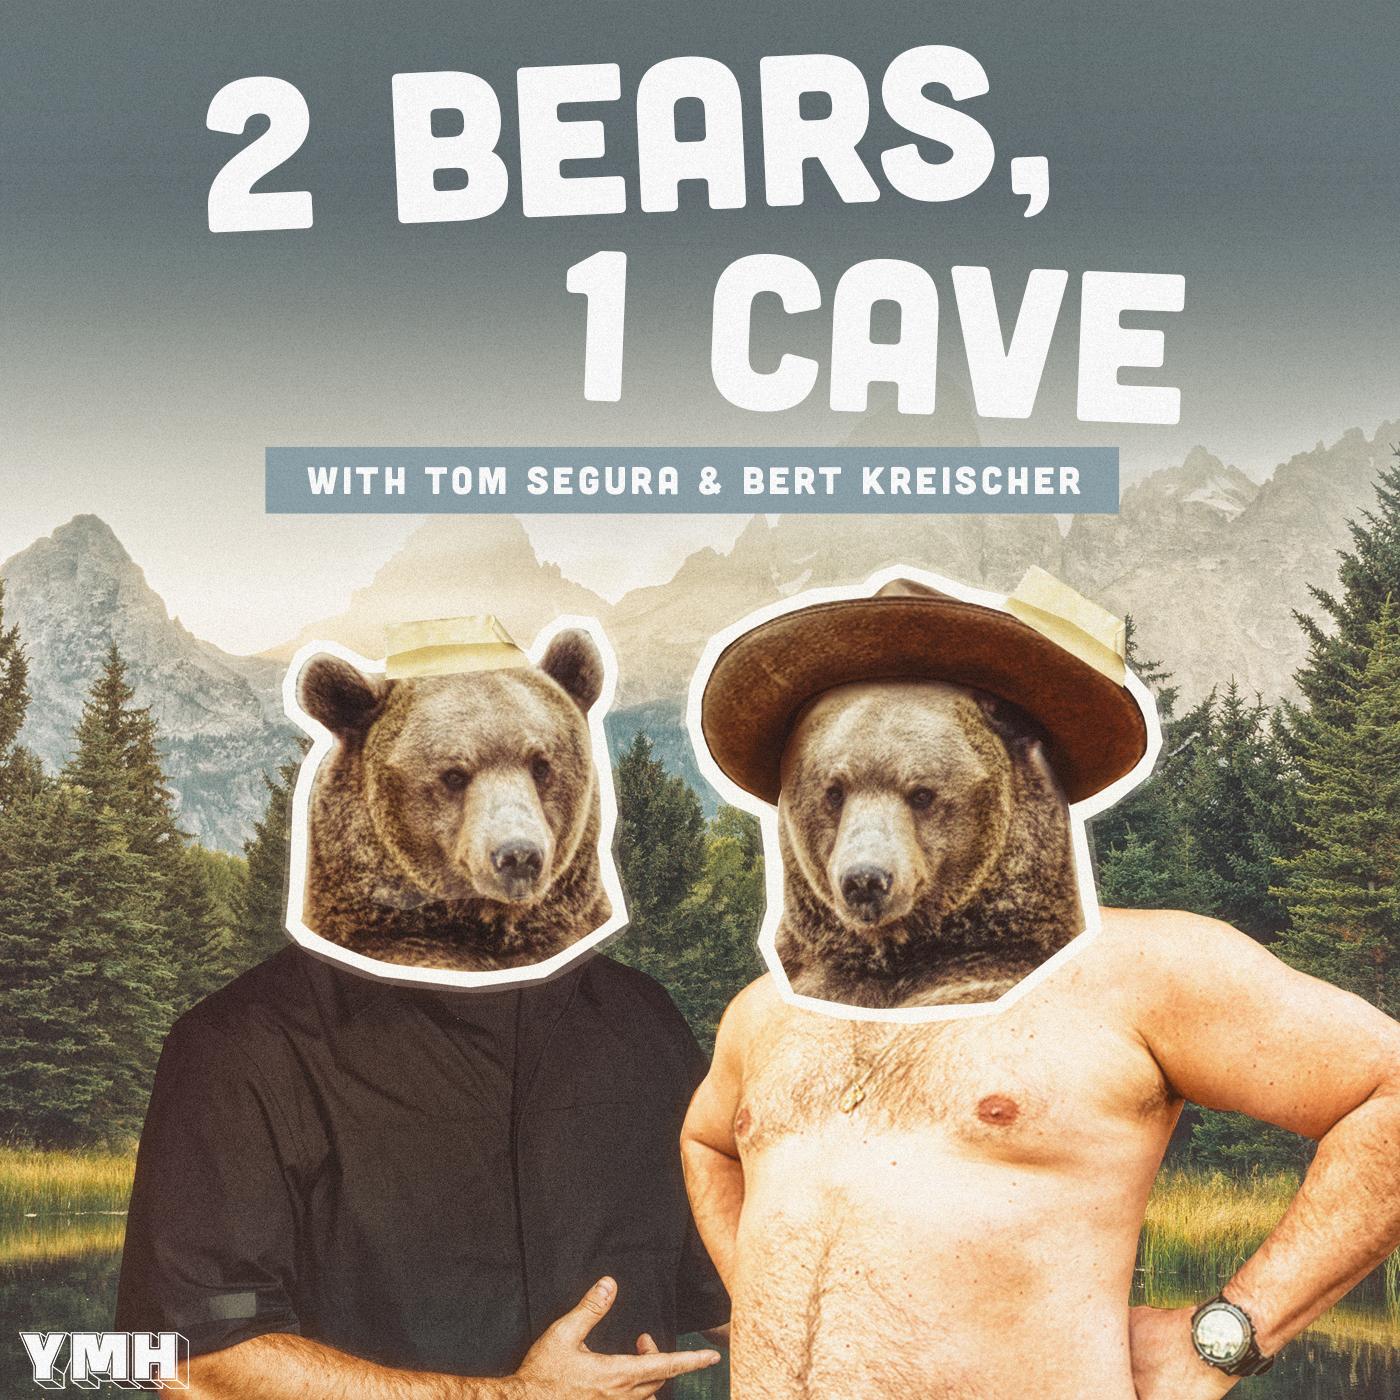 2 Bears 1 Cave with Tom Segura & Bert Kreischer show art